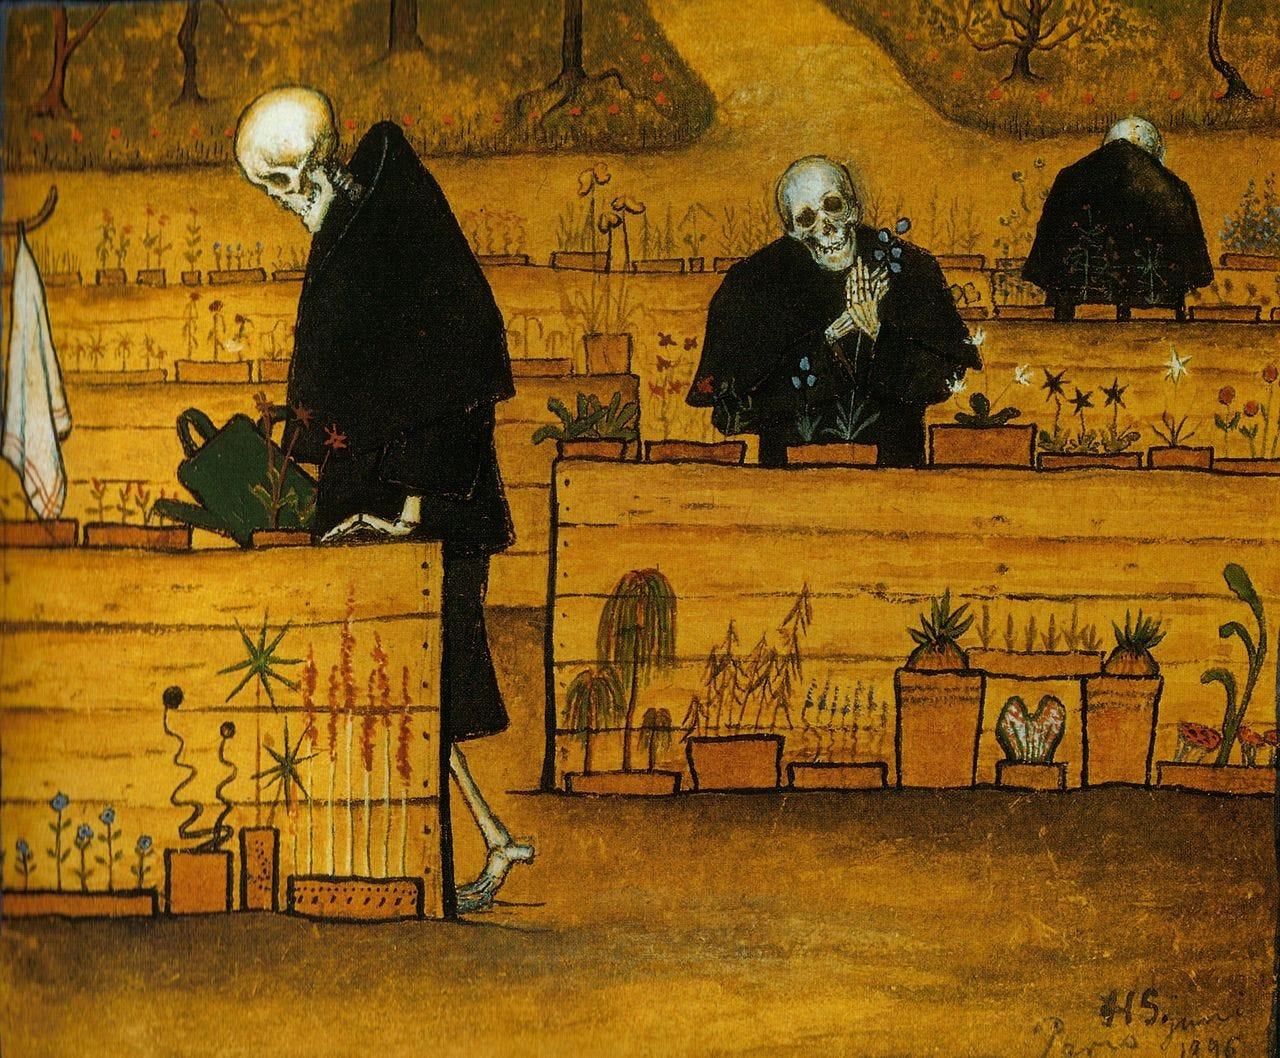 num jardim de caixotes de madeira, a cor amarela predomina a cena, e 3 figuras de esqueletos vestidos com capas pretas regam flores em diferentes níveiis de perspectiva na imagem